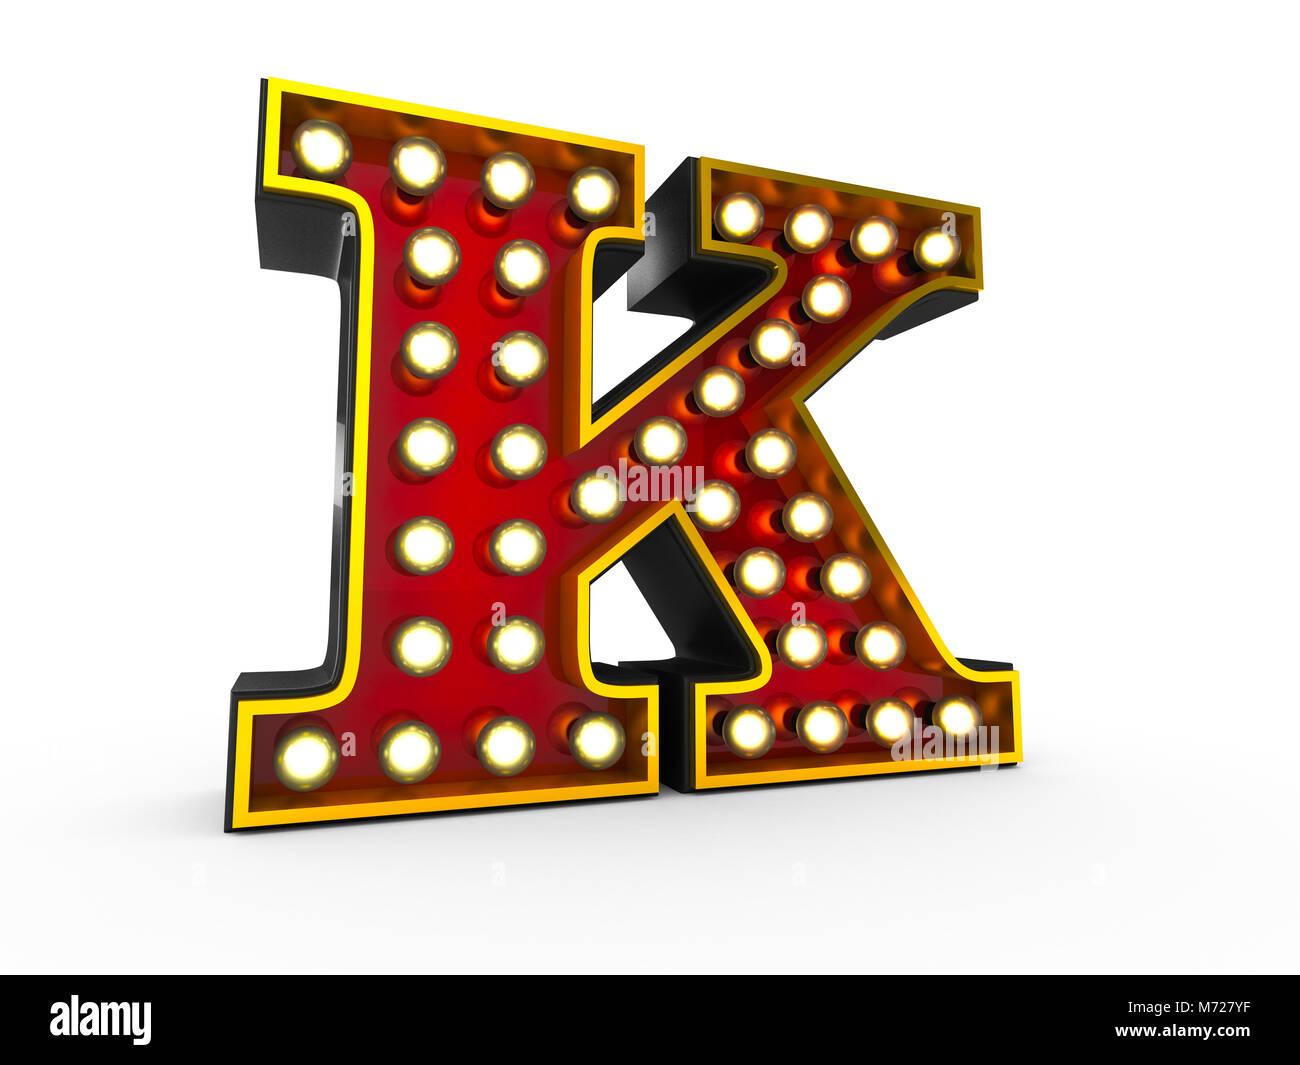 Ilustración 3D de alta calidad de la letra K en estilo Broadway con bombillas iluminando sobre fondo blanco. Imagen De Stock